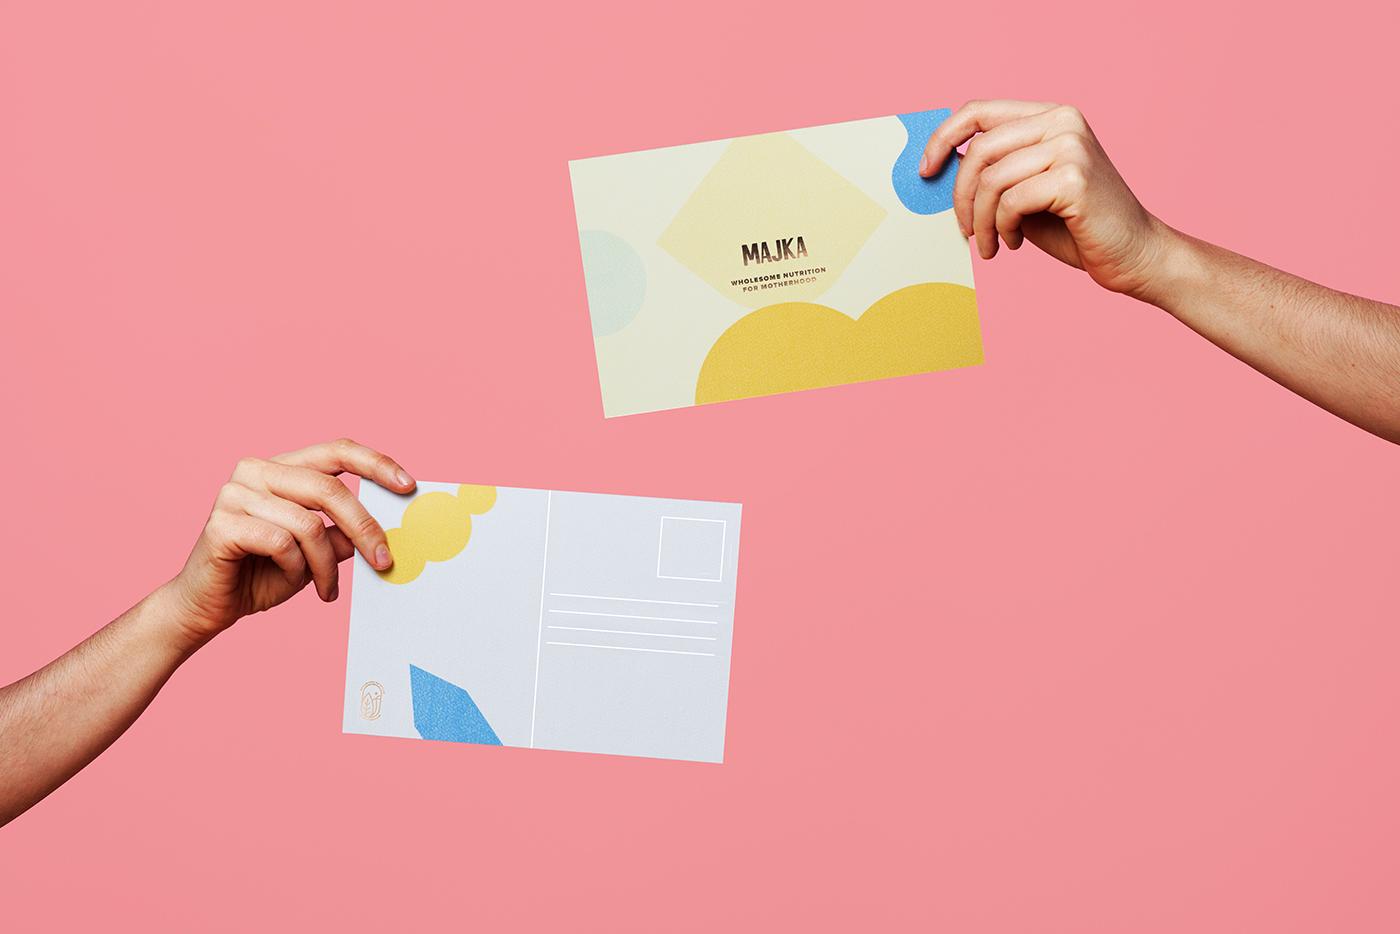 Majka 产品包装设计 欣赏-第11张